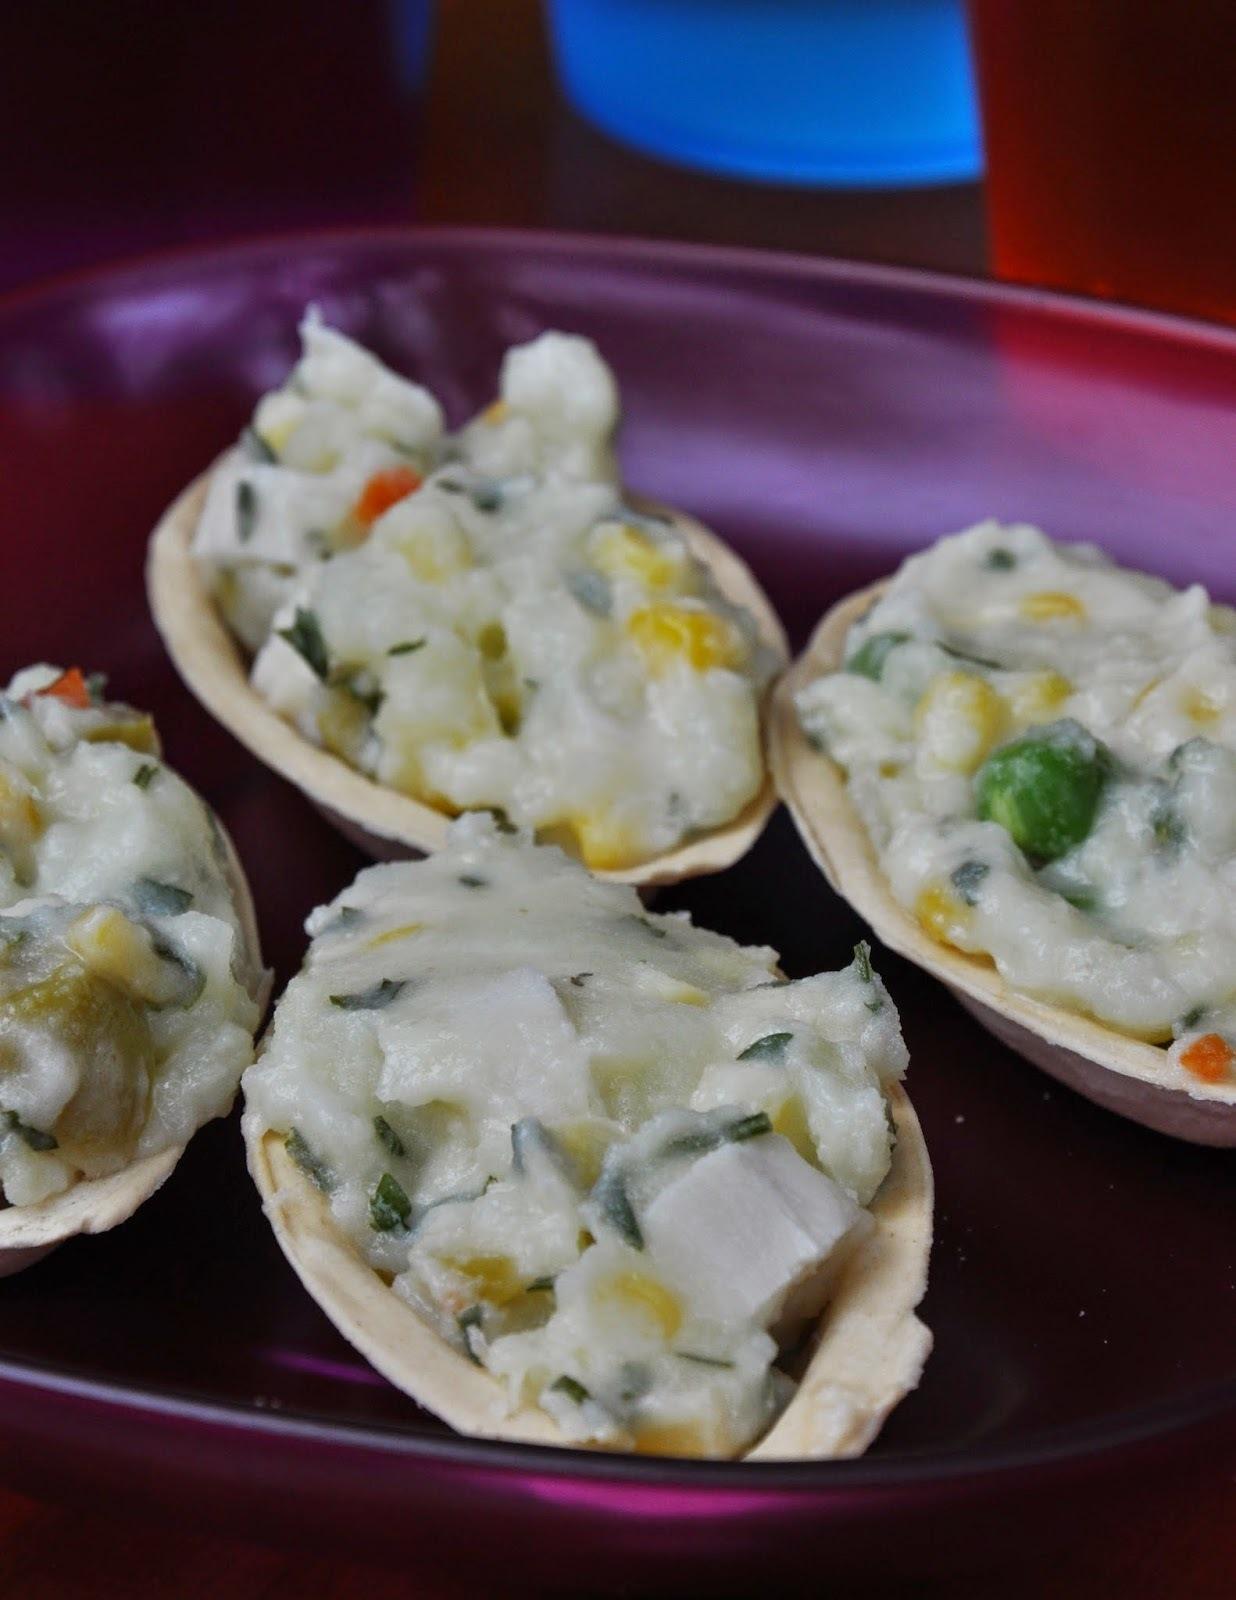 Barquetes de maionese (vegan)